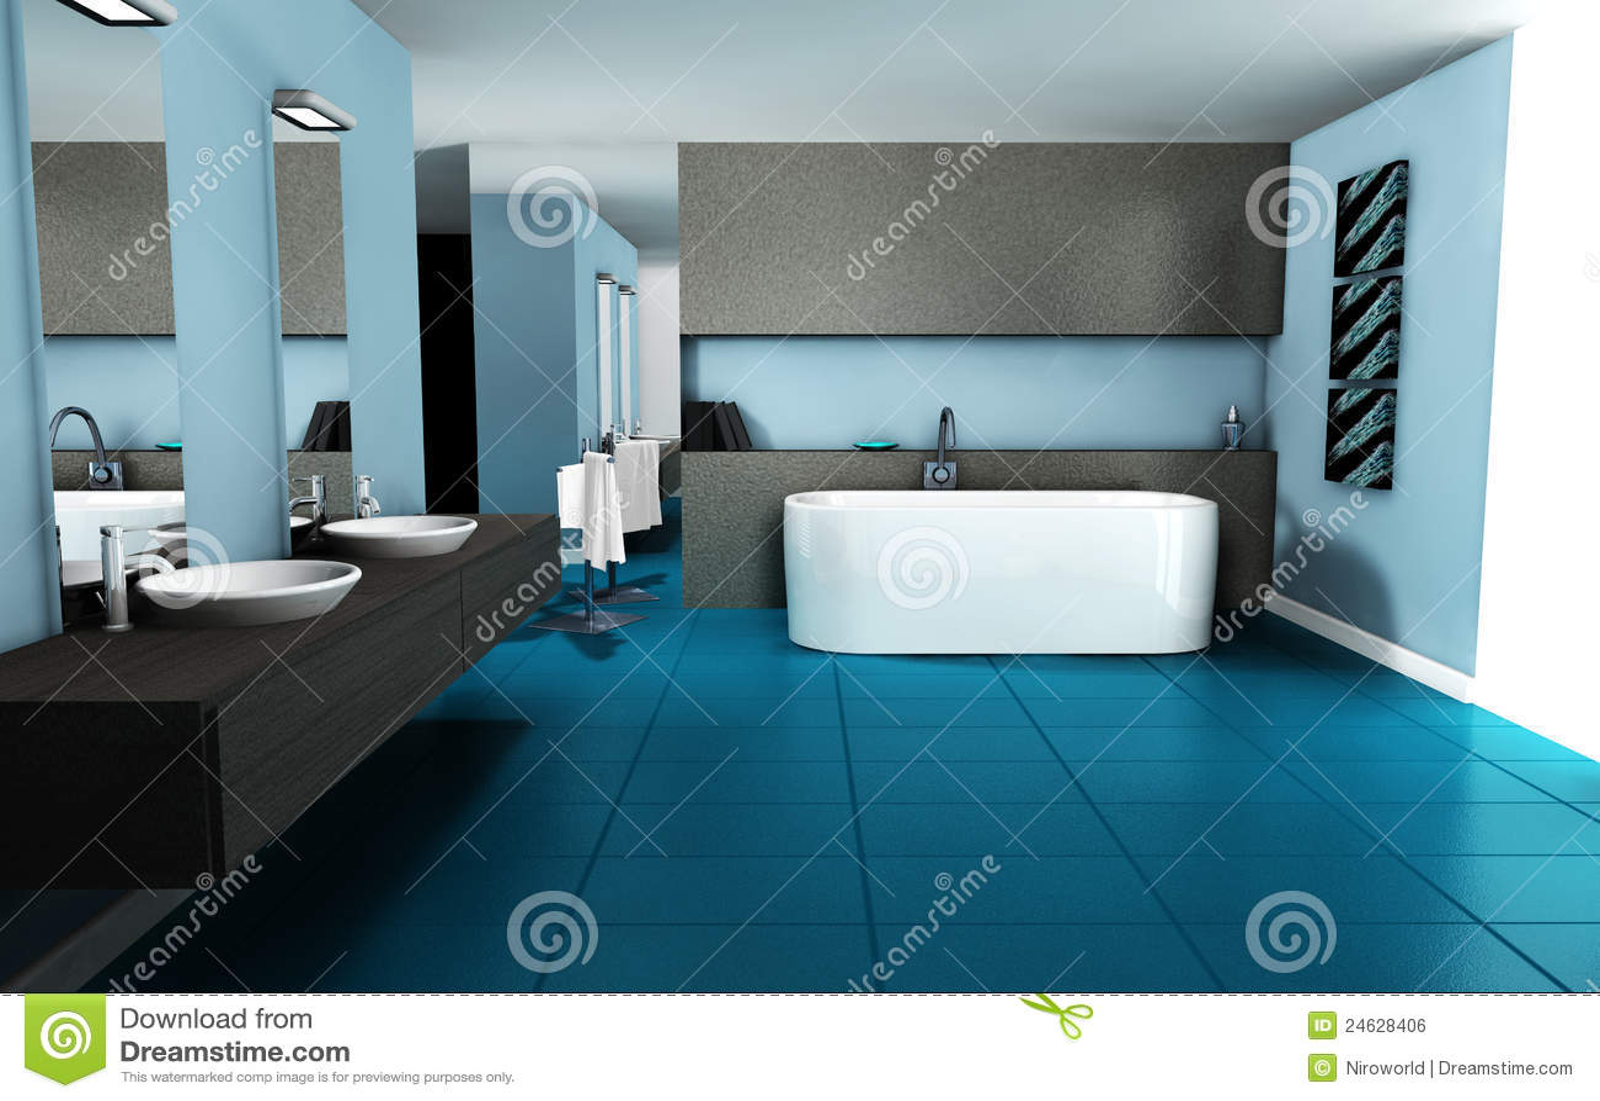 de binnenlandse badkamers van het ontwerp stock illustratie afbeelding 24628406